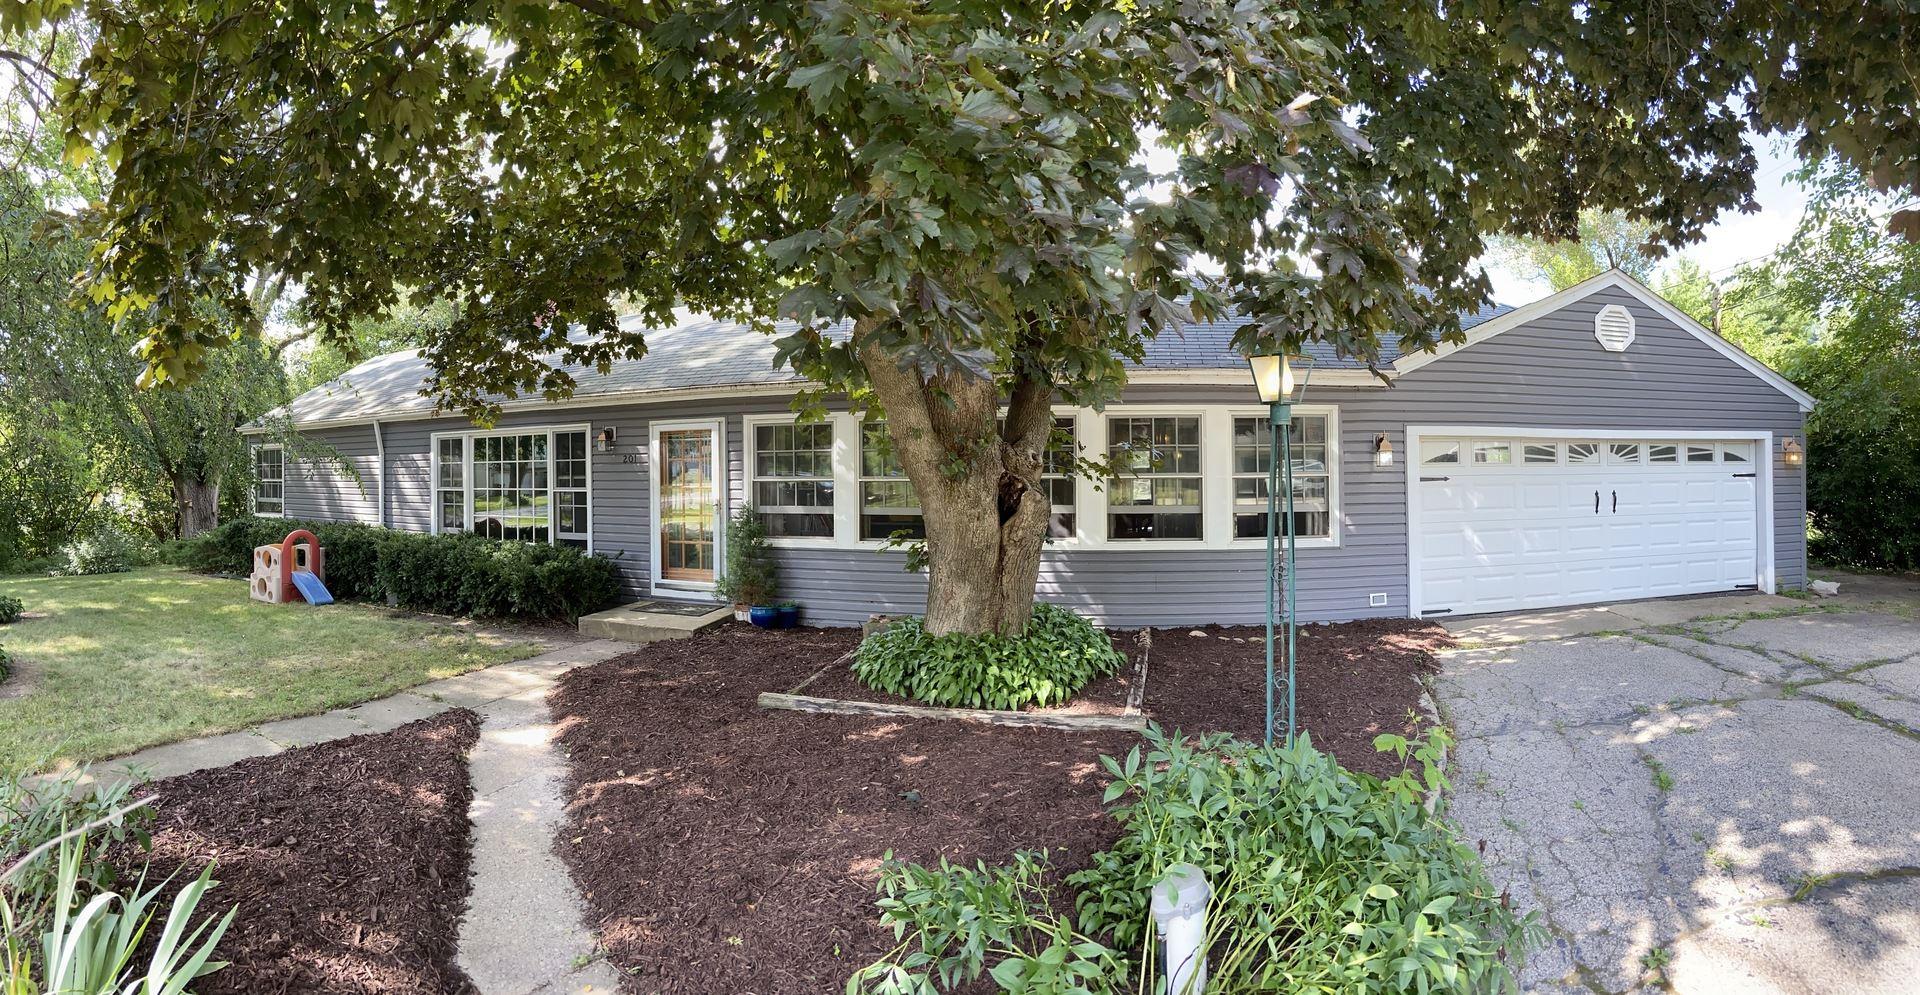 201 Lakewood Drive, Oakwood Hills, IL 60013 - #: 10817497